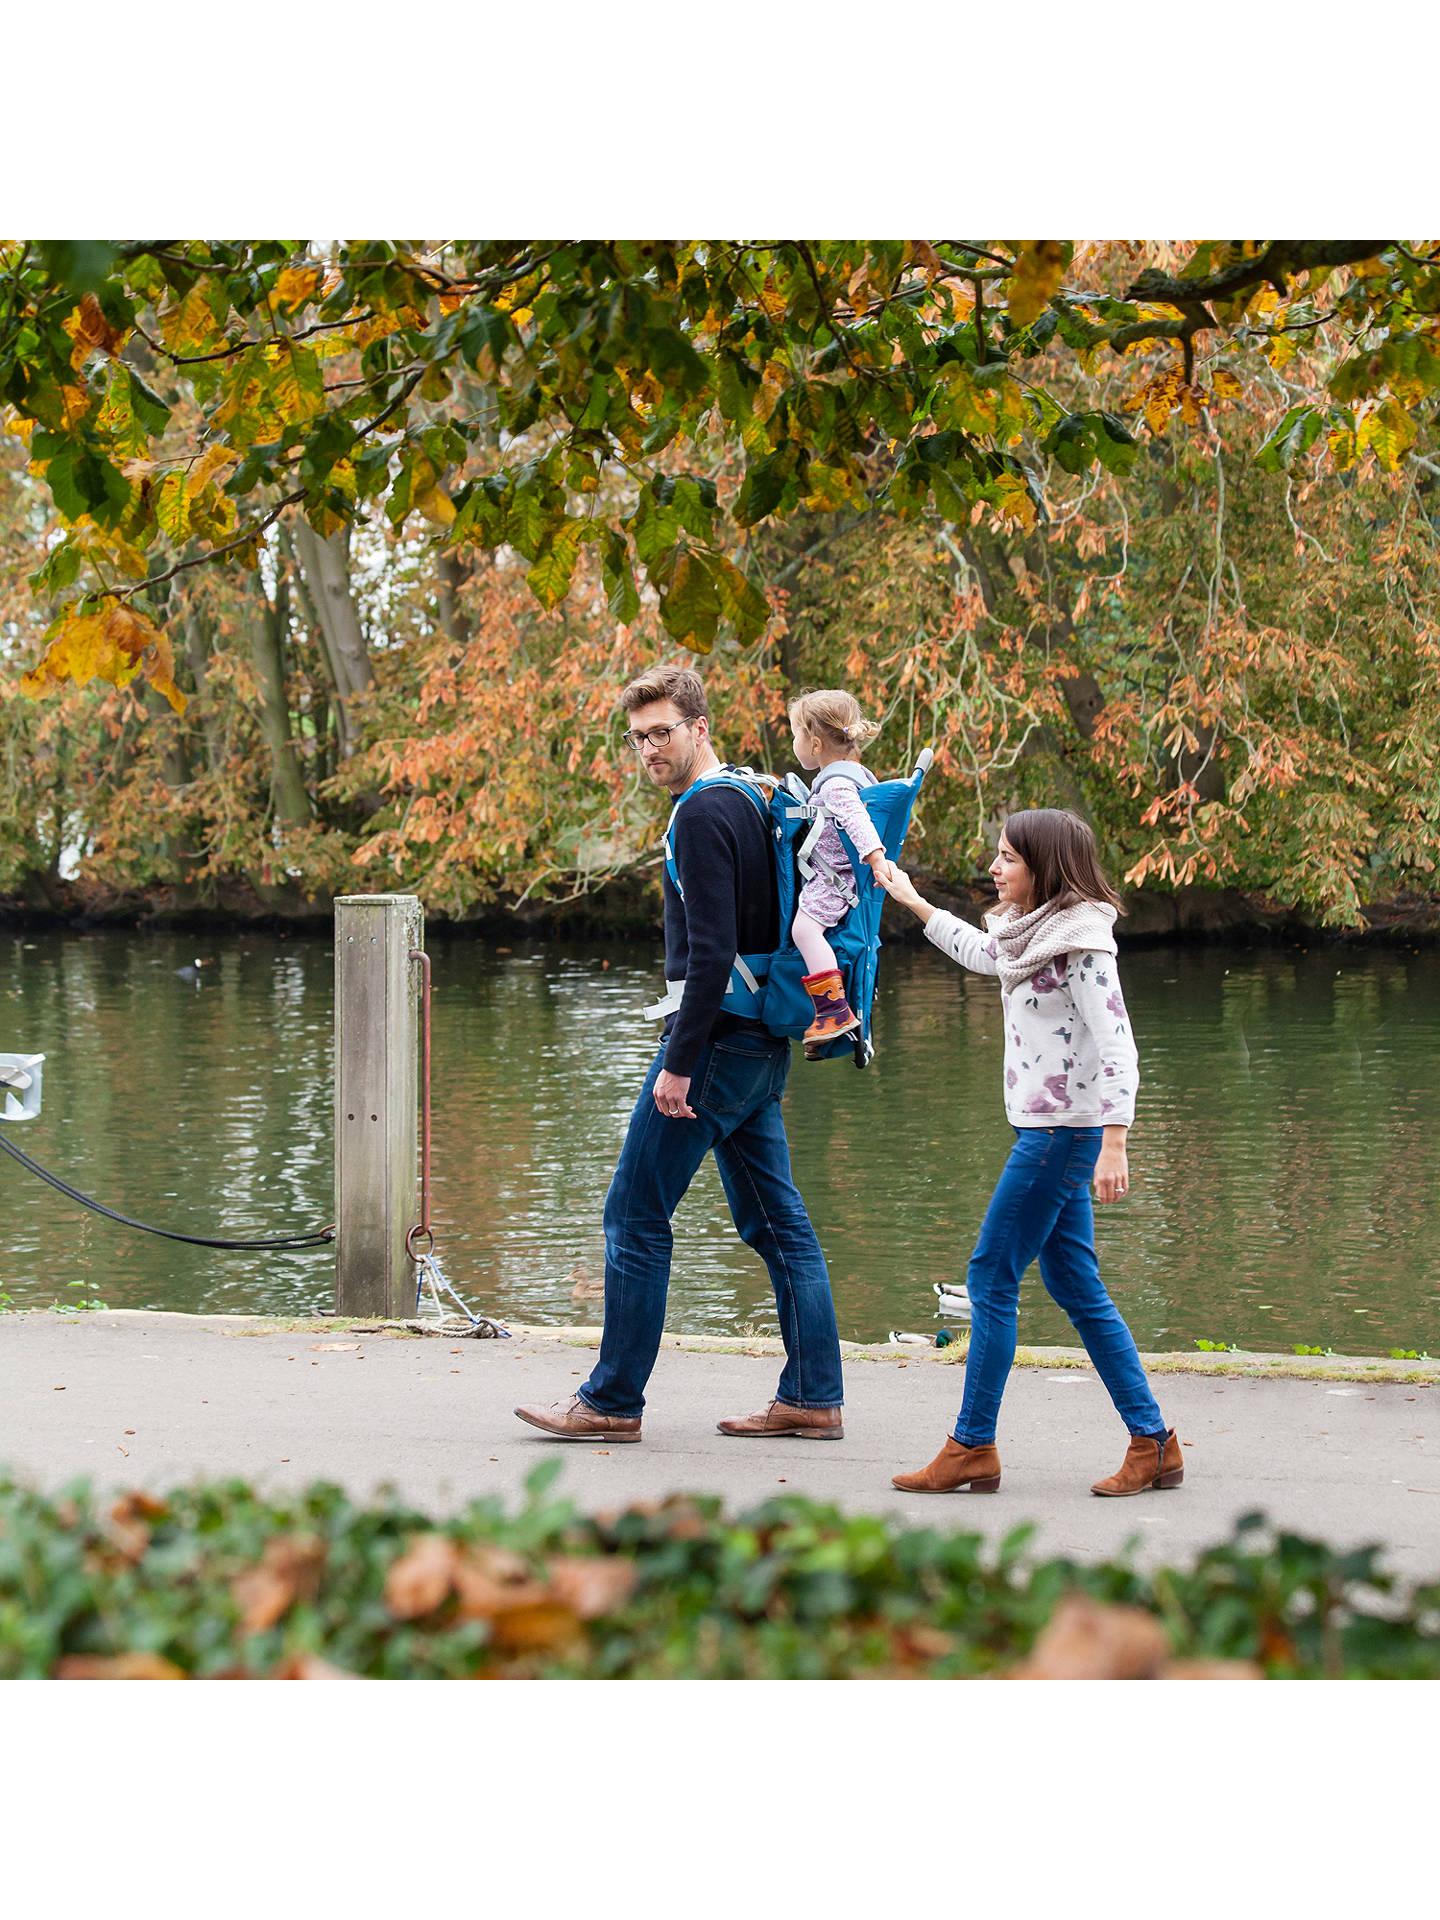 ccd989034bd ... Buy LittleLife Adventurer Child Carrier S2 Online at johnlewis.com ...